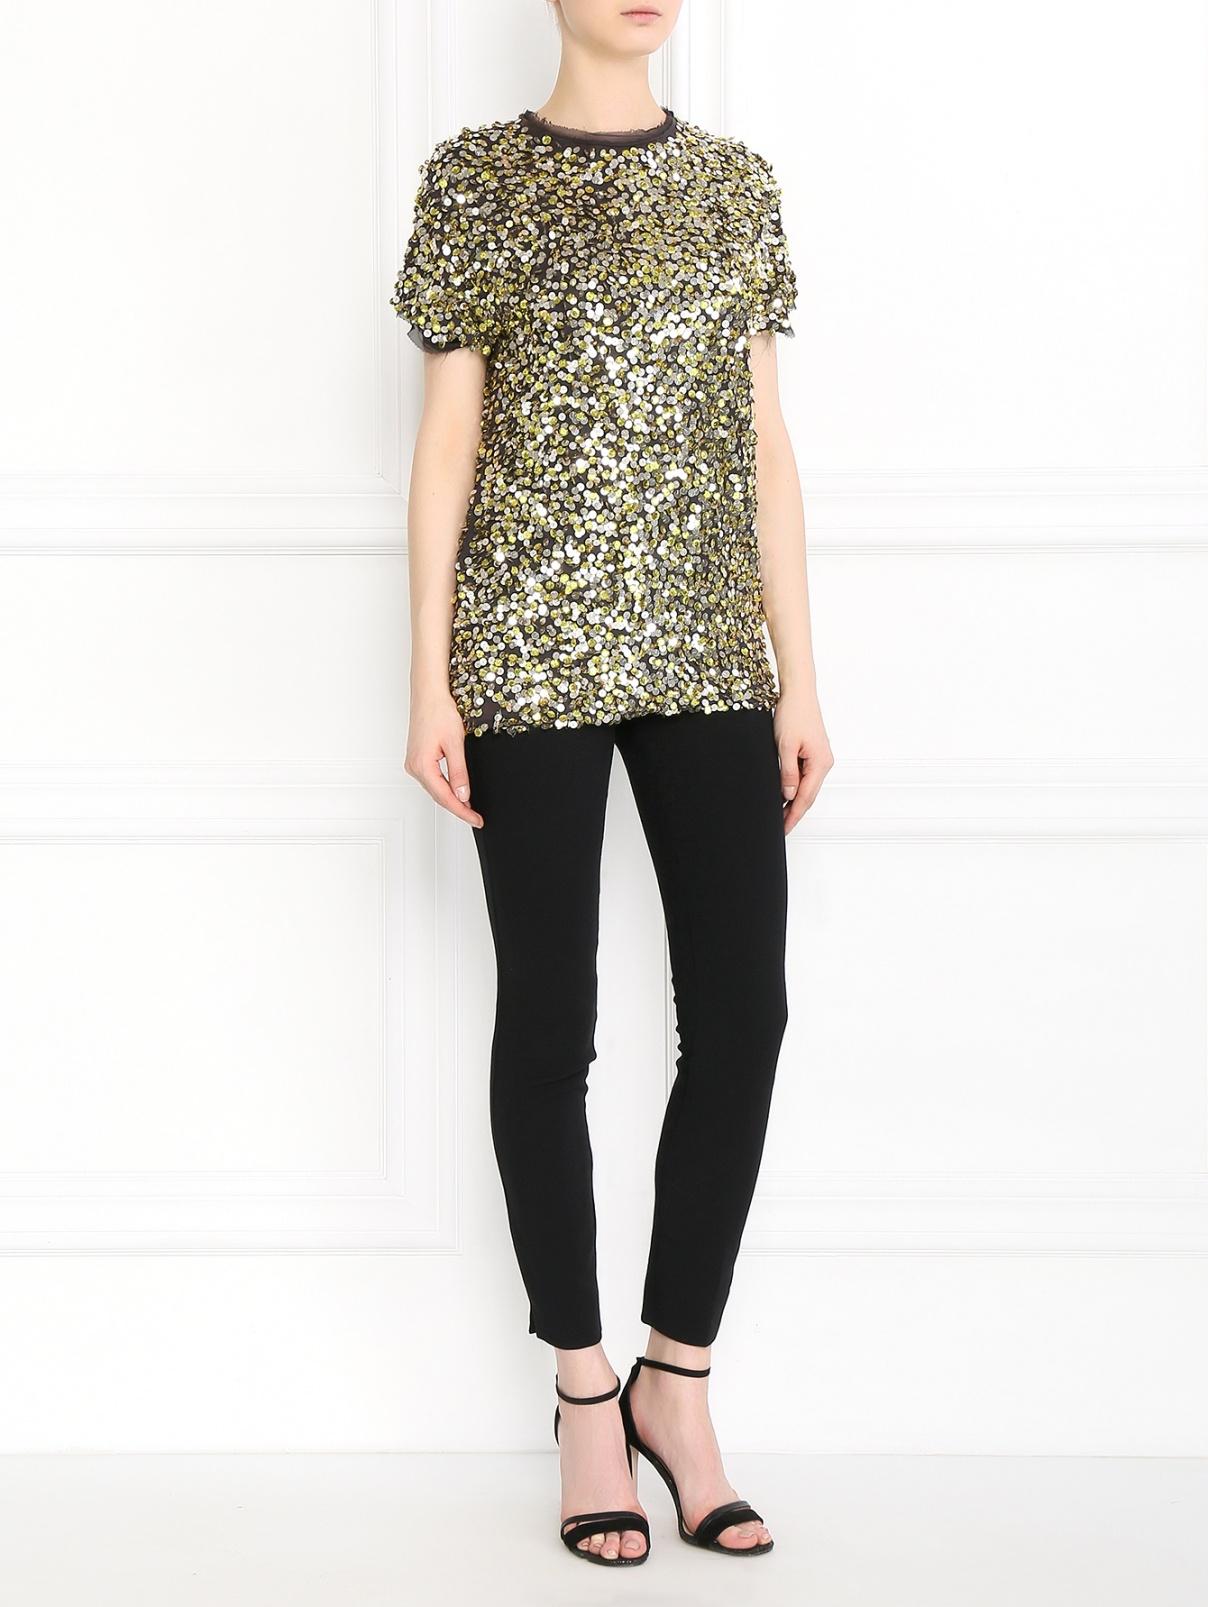 Блуза из хлопка декорированная пайетками Lanvin  –  Модель Общий вид  – Цвет:  Мультиколор